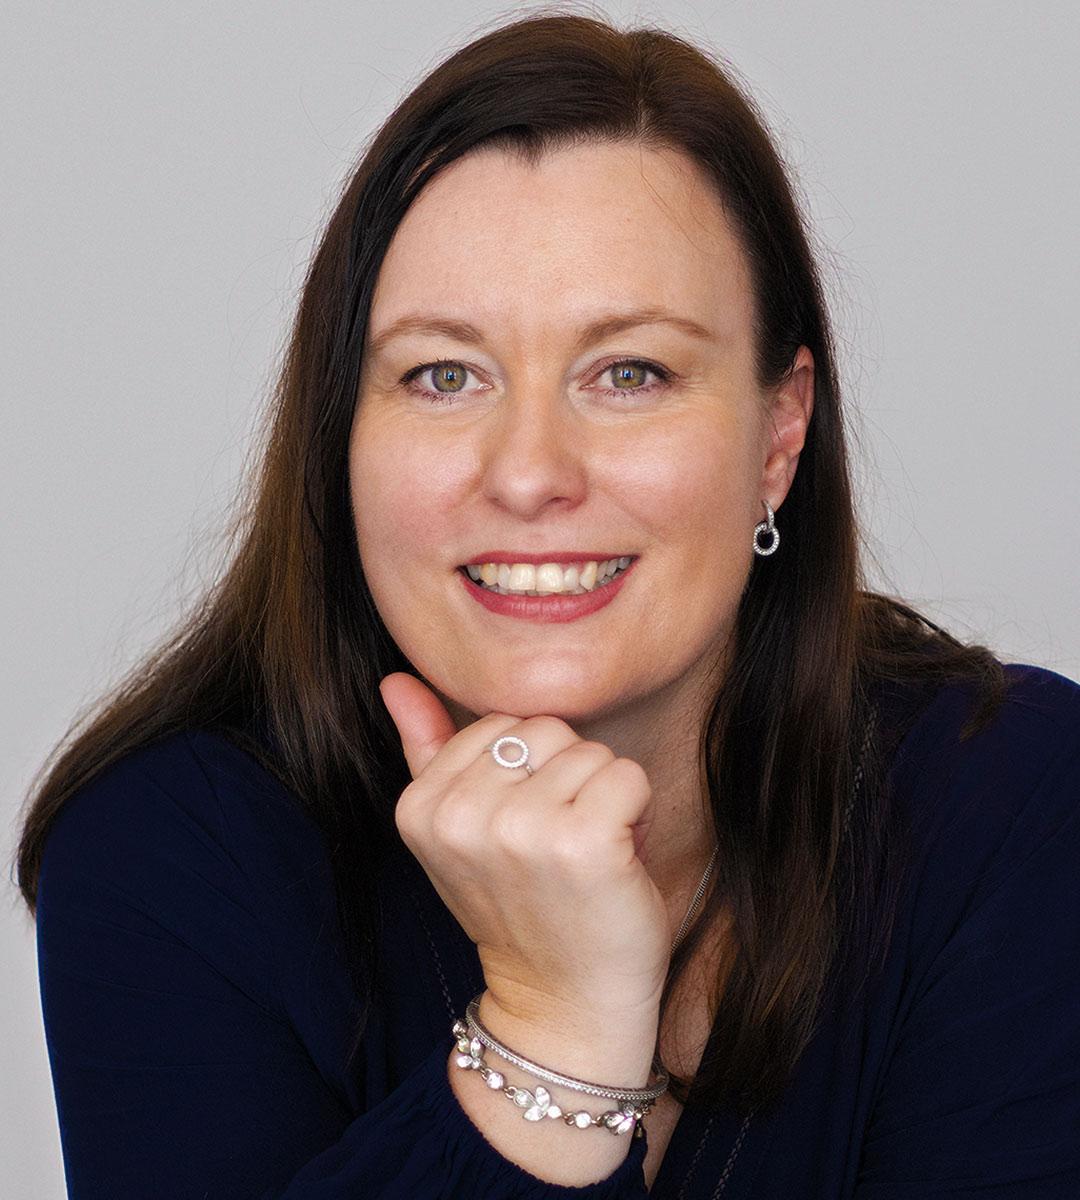 Rebecca Buntain